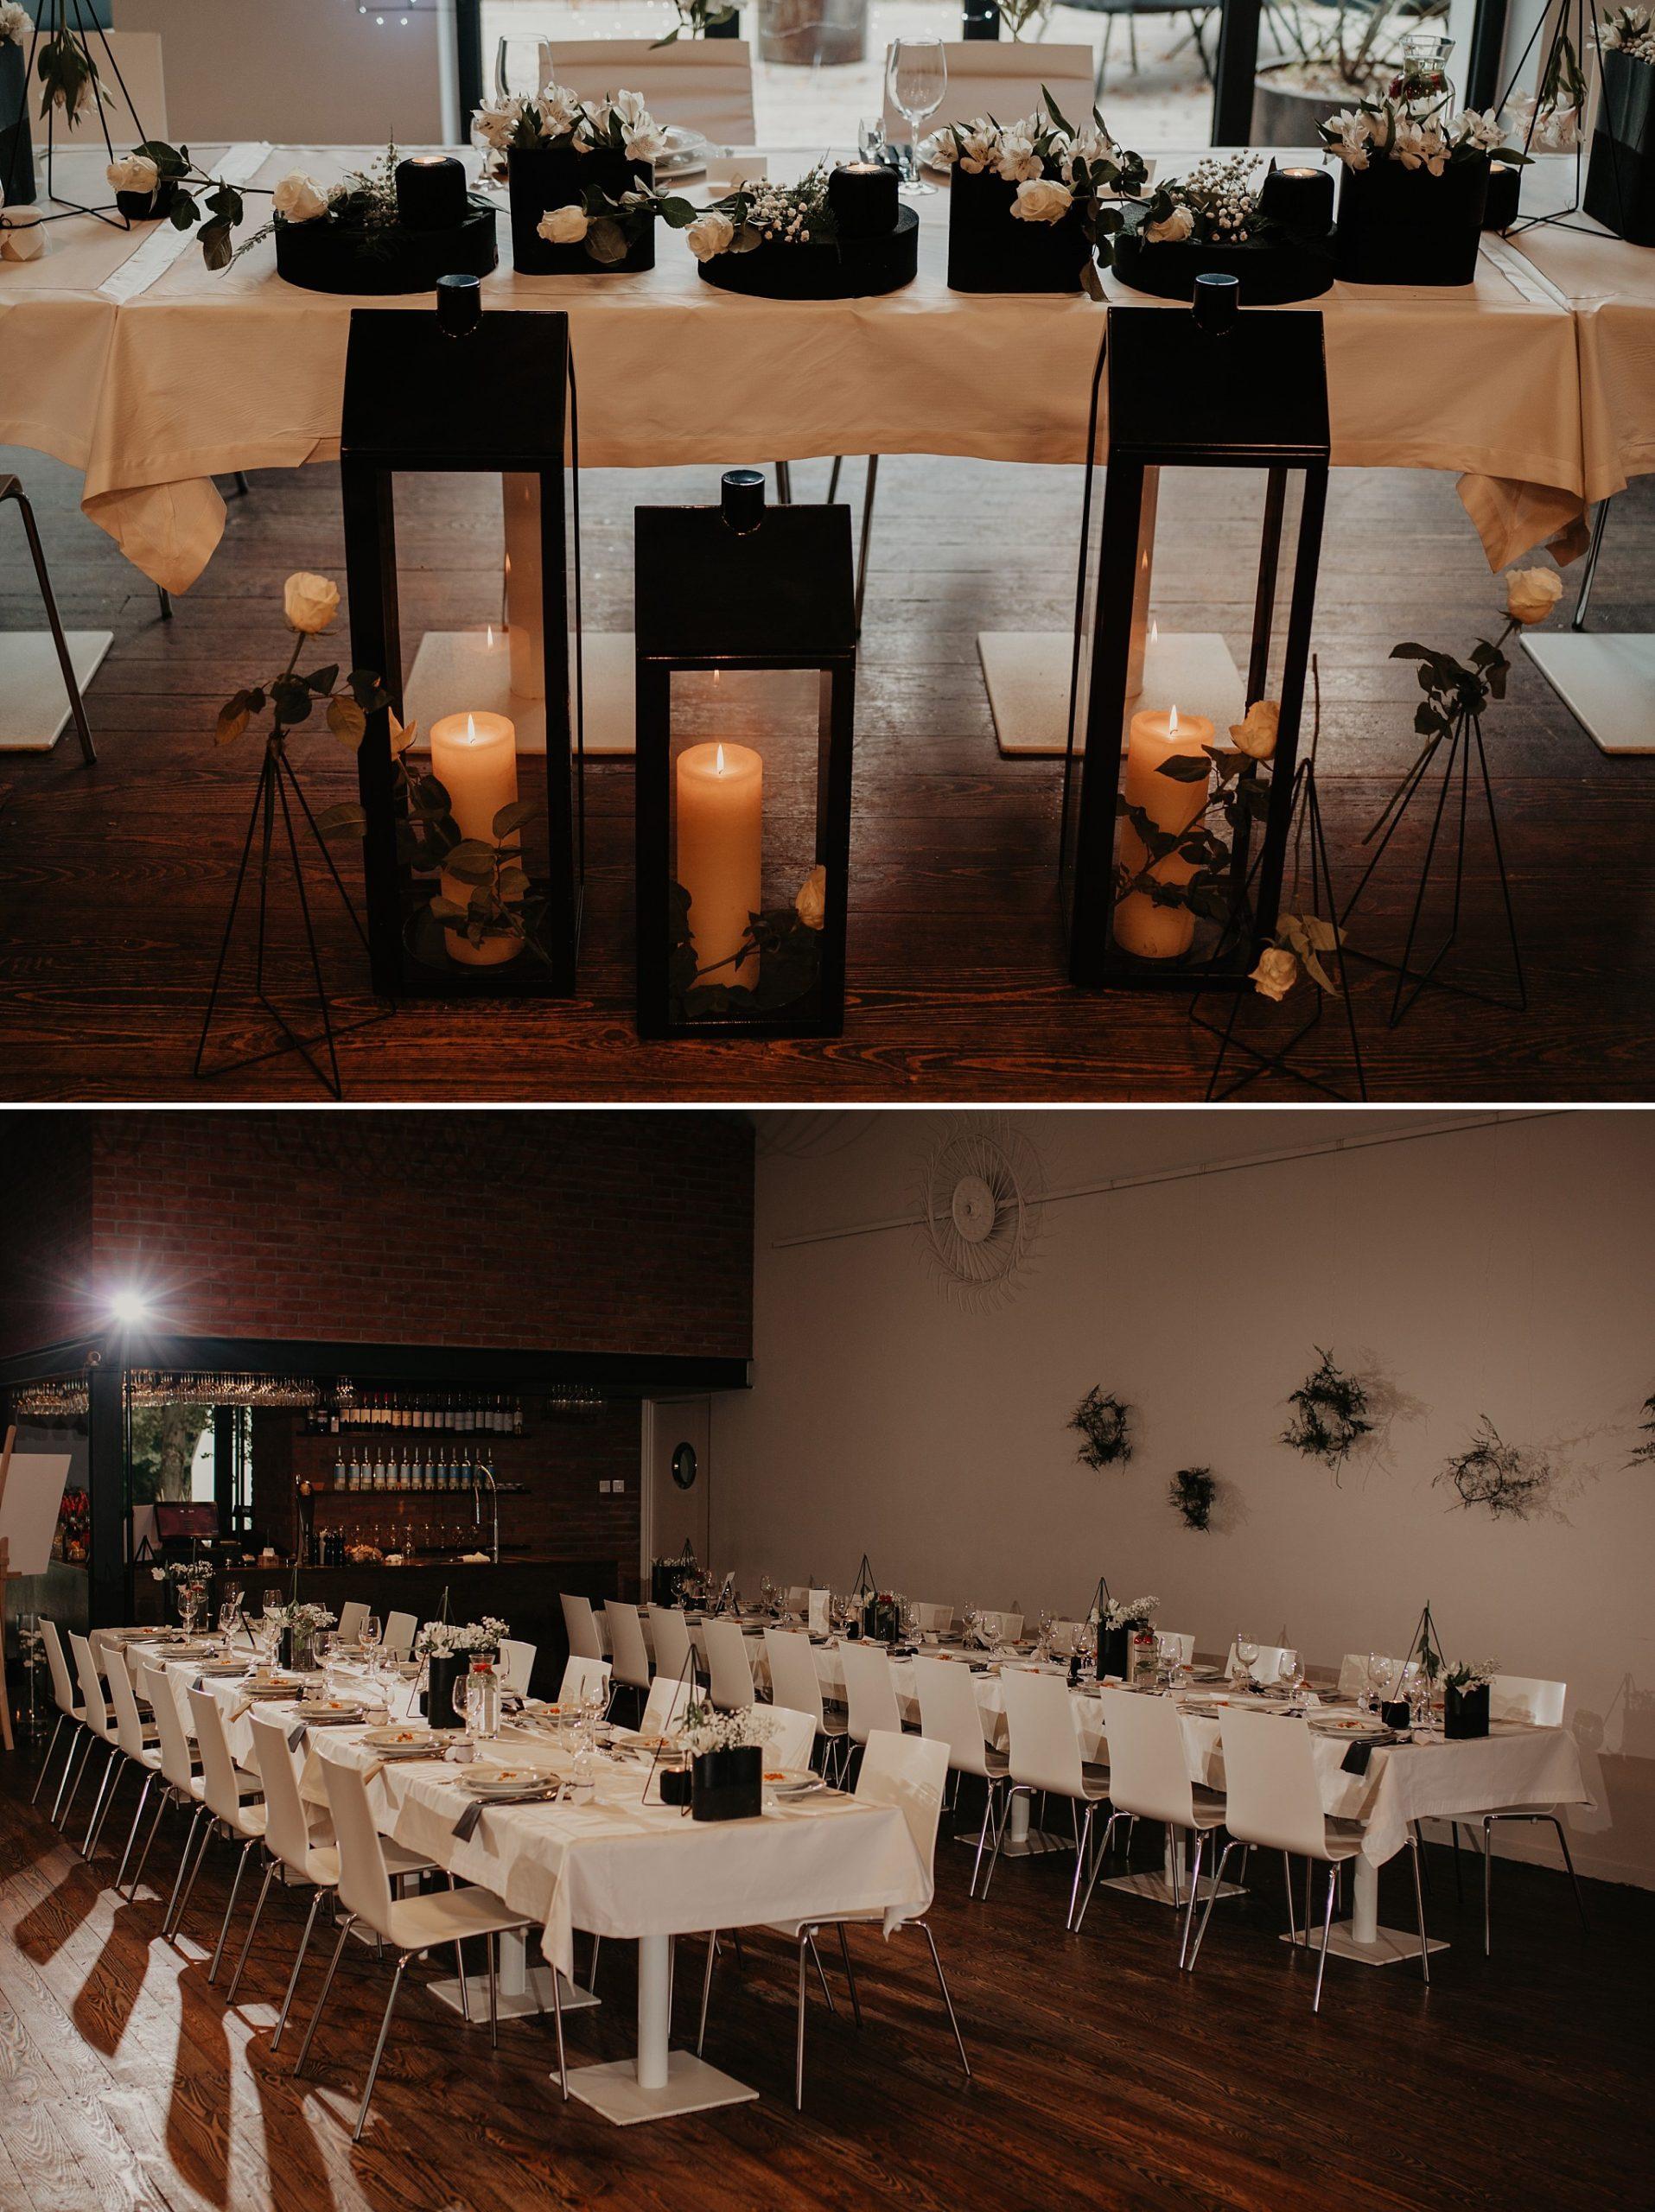 fotograf poznan wesele dobra truskawka piekne wesele pod poznaniem wesele w dobrej truskawce piekna para mloda slub marzen slub koronawirus slub listopad wesele koronawirus 243 scaled